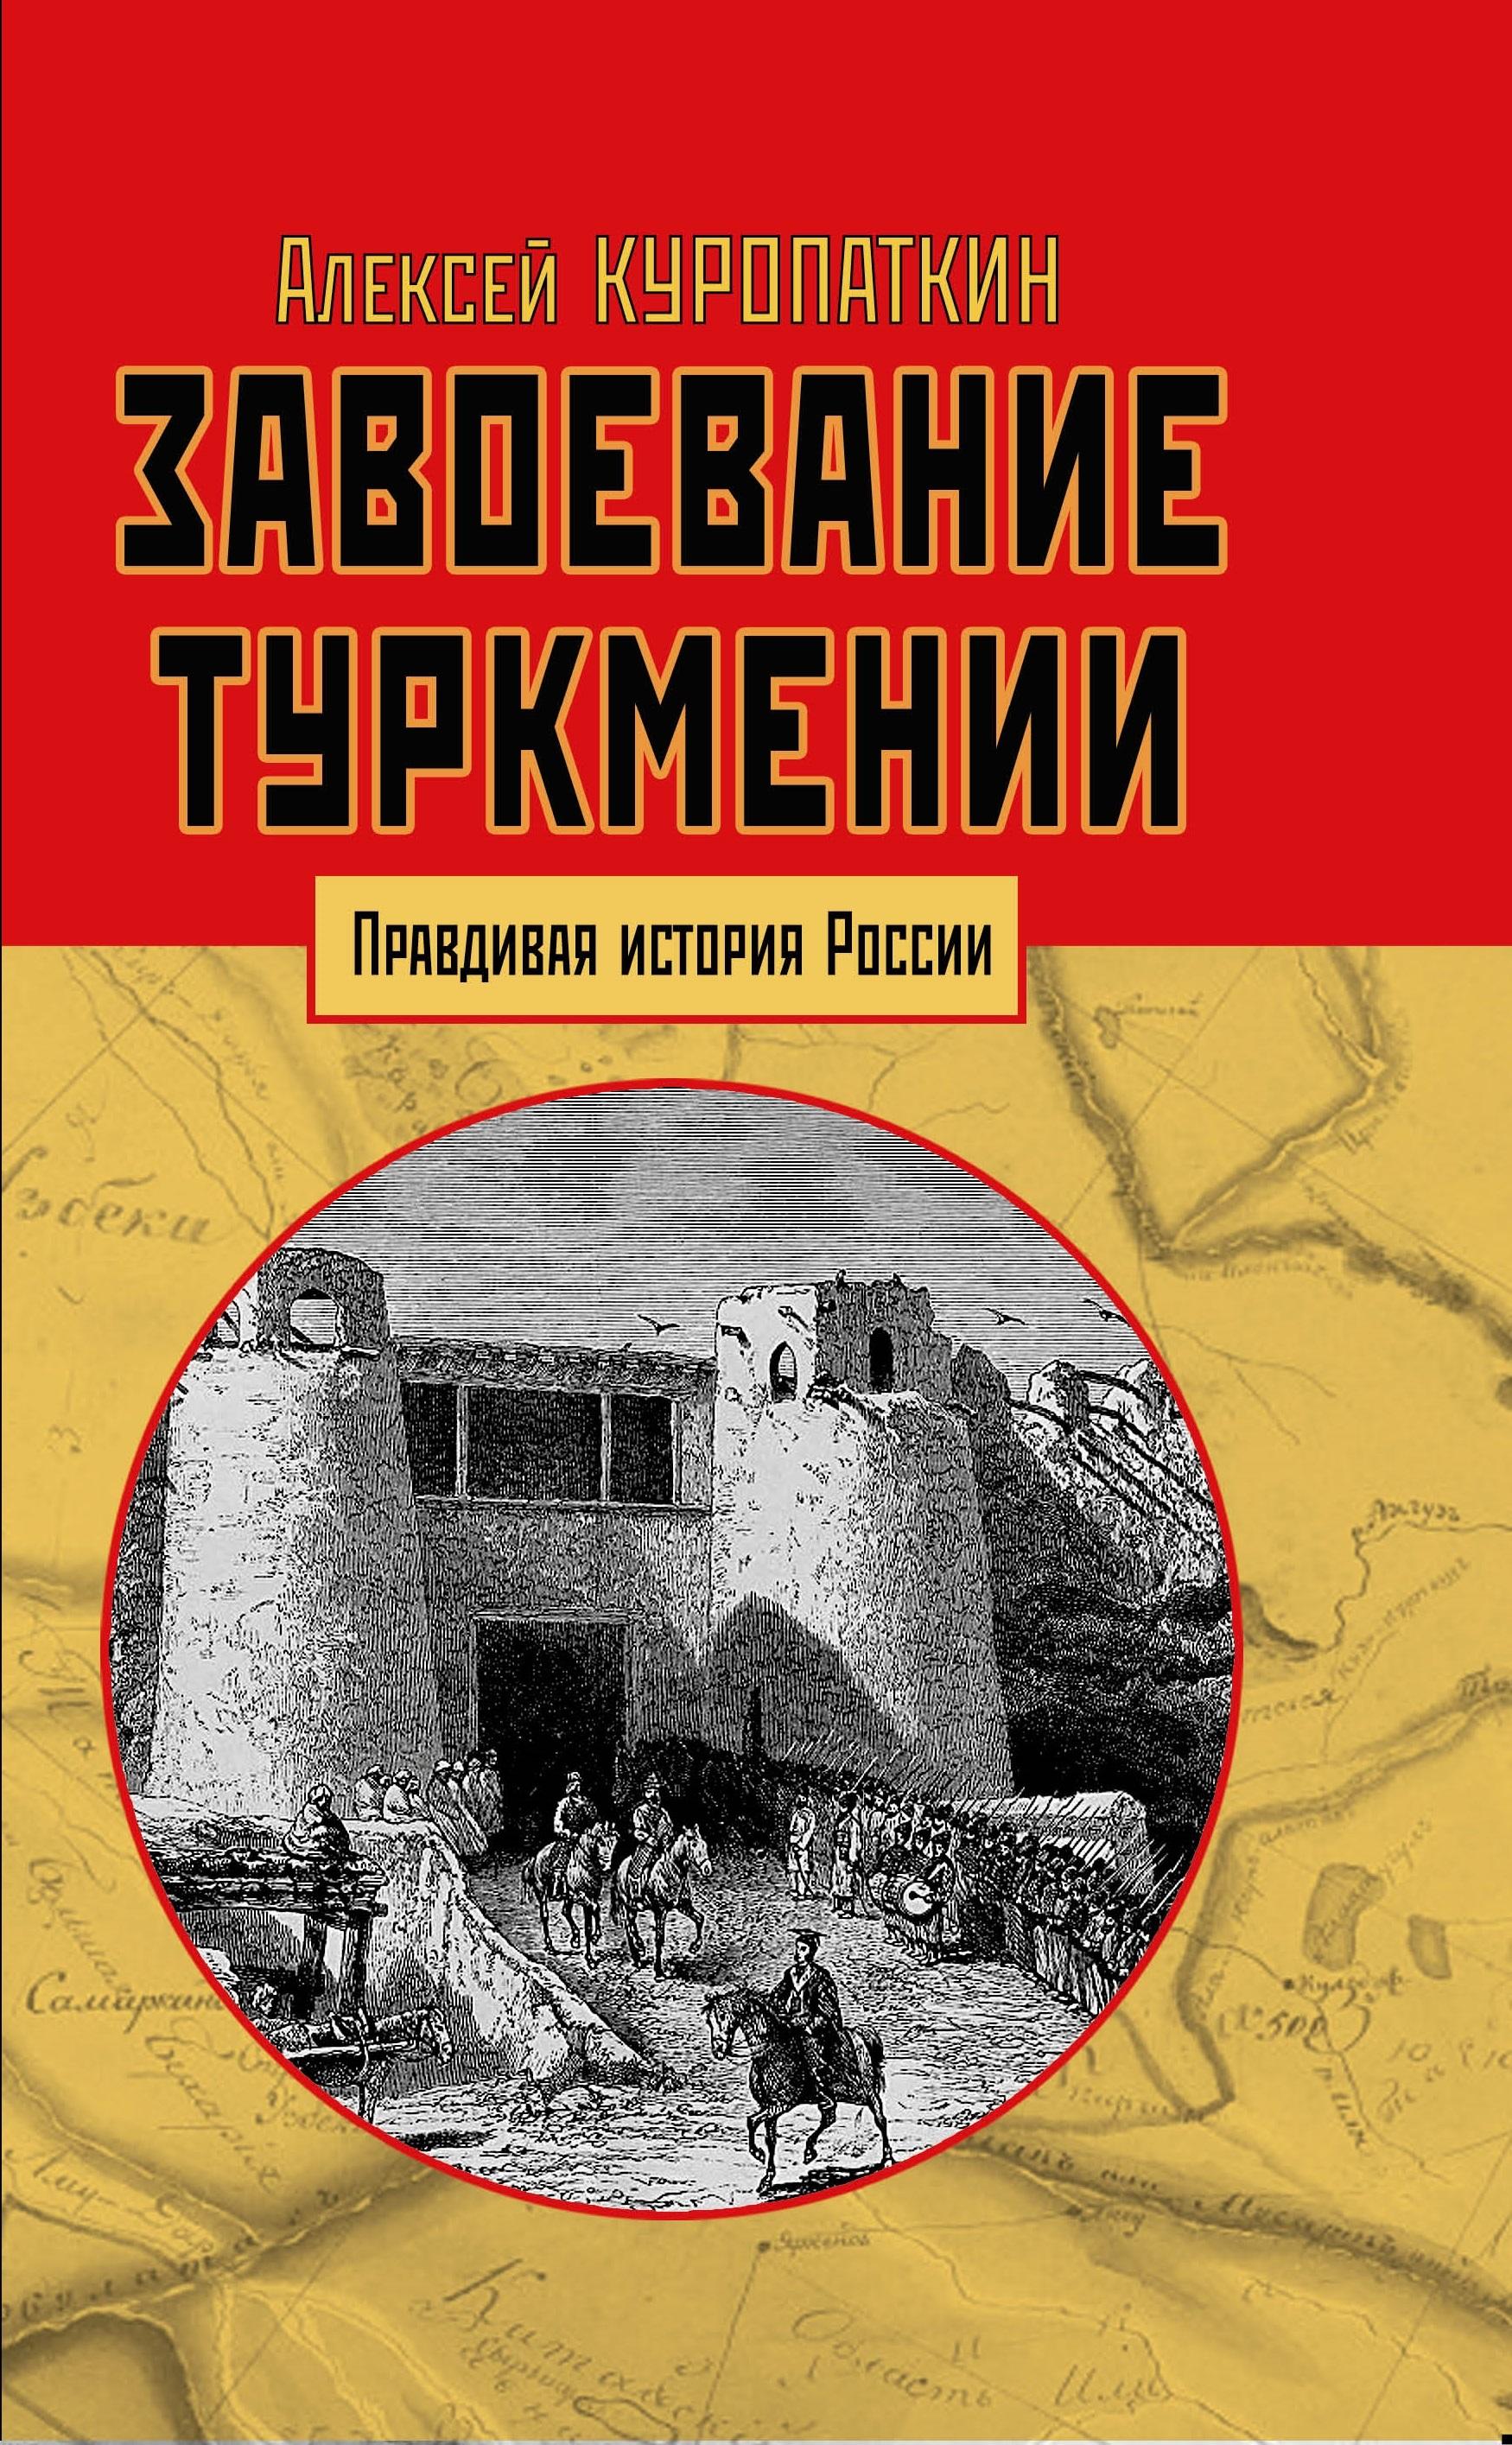 Куропаткин А.Н. Завоевание Туркмении